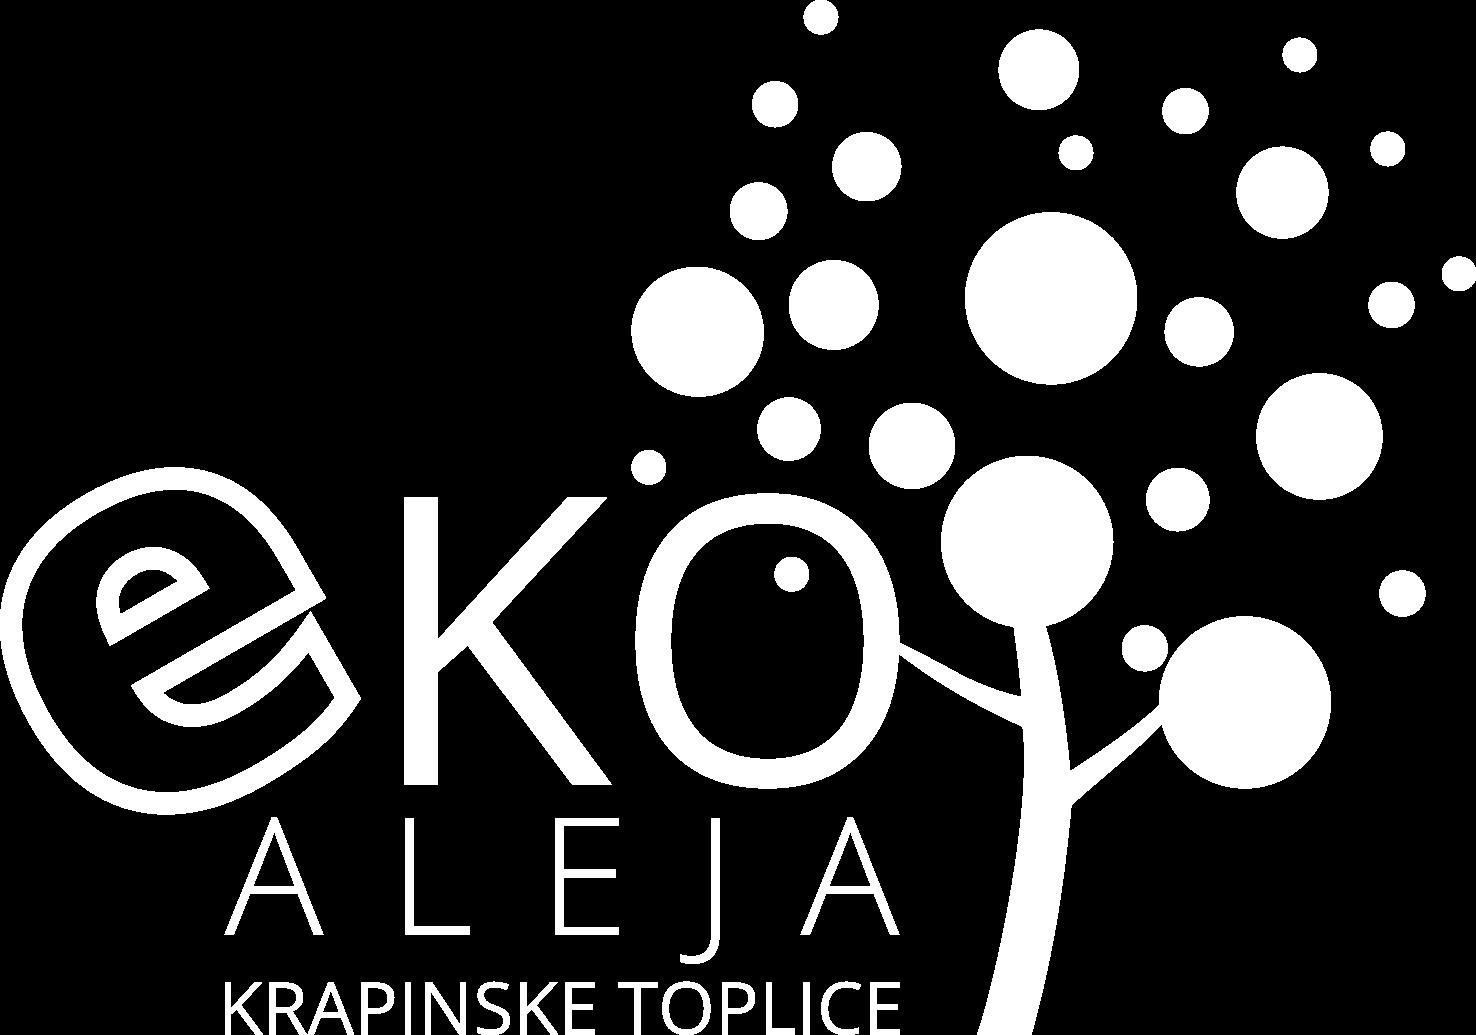 Eko Aleja